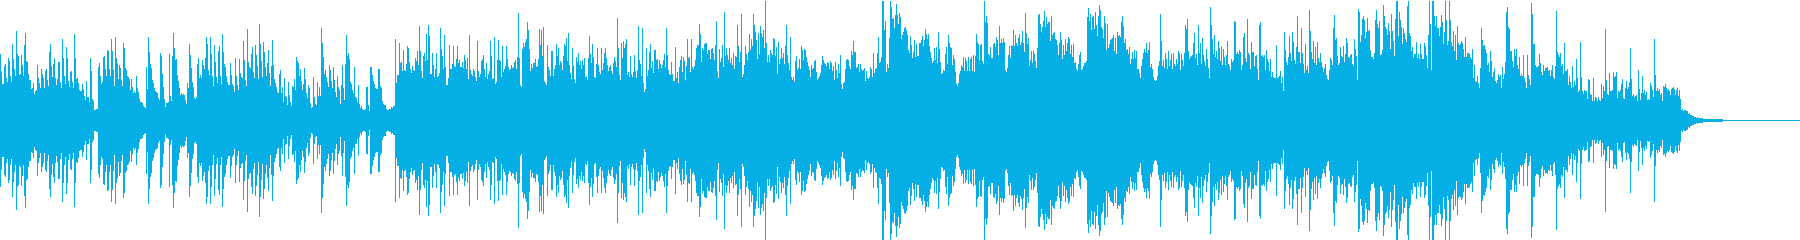 企業VPや自然映像/期待・感動ピアノの再生済みの波形